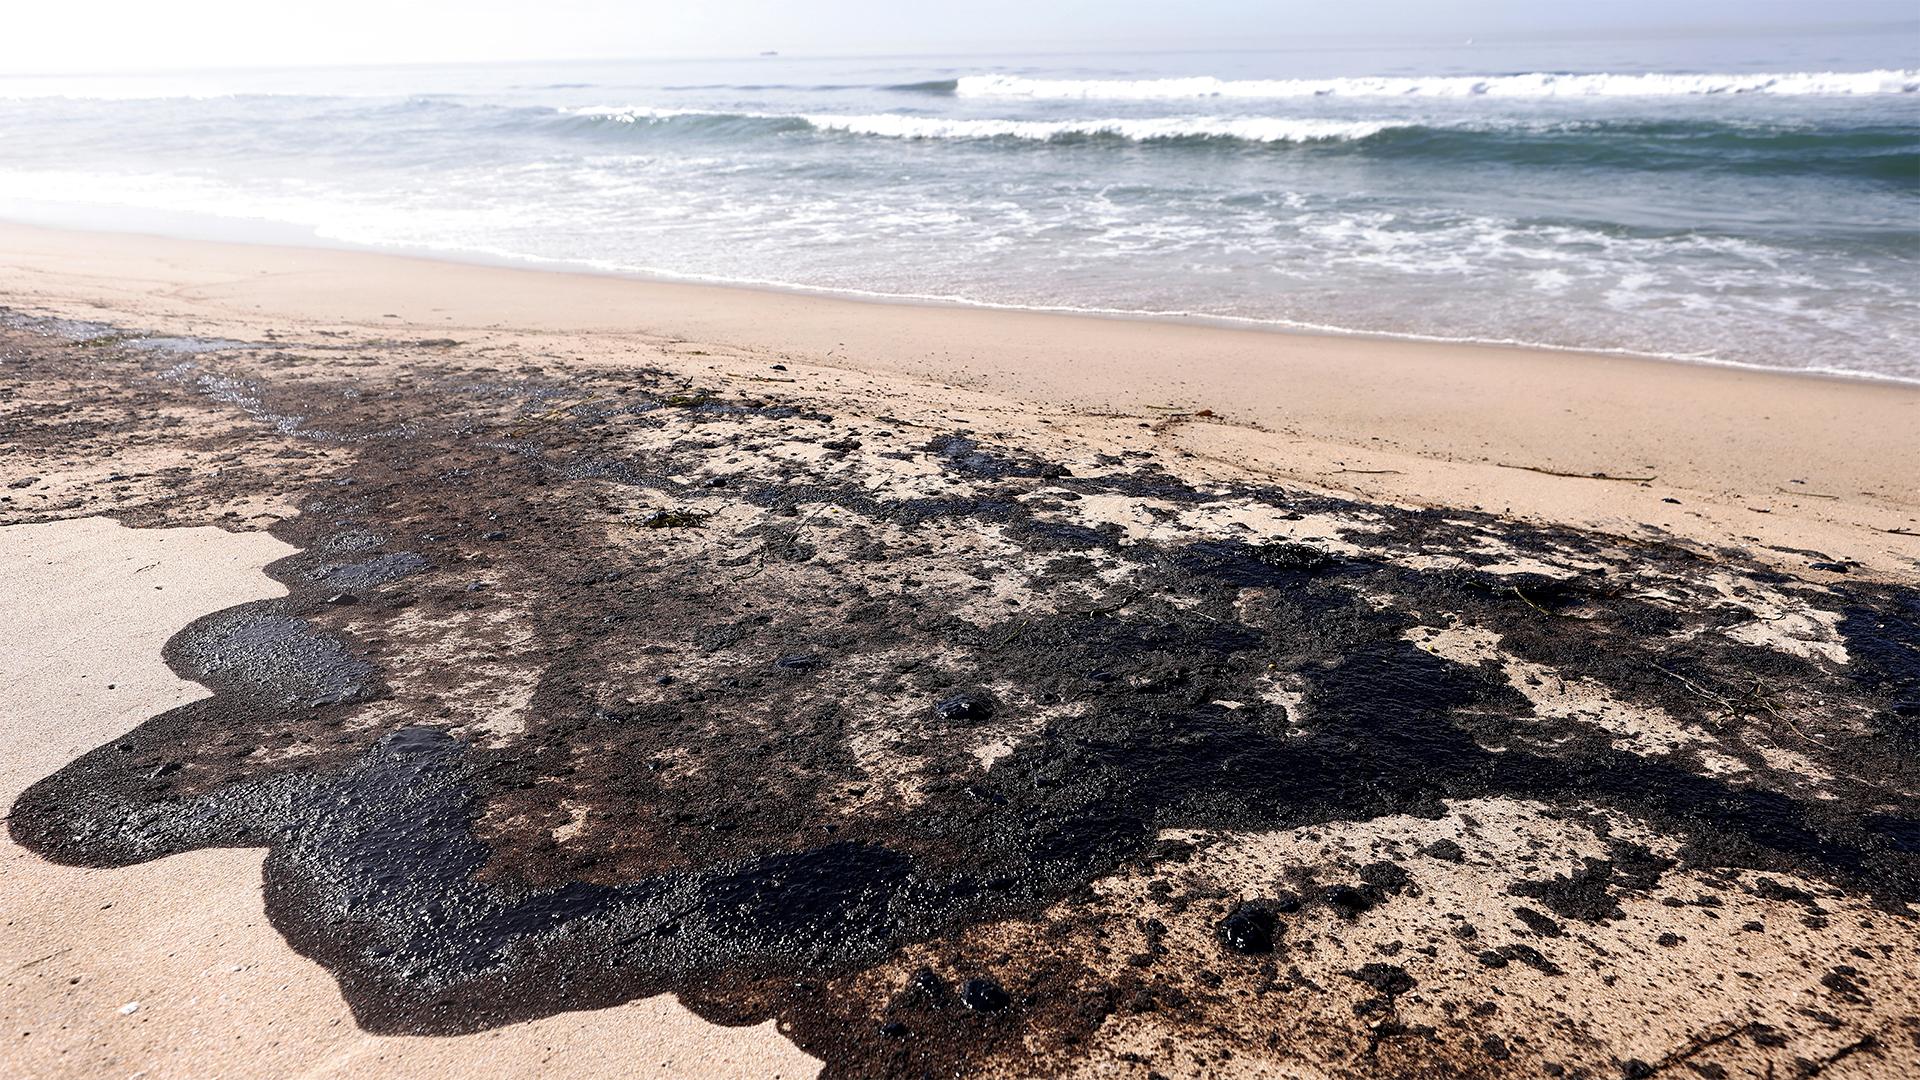 Прорыв трубопровода в Калифорнии: пустые пляжи с пятнами нефти